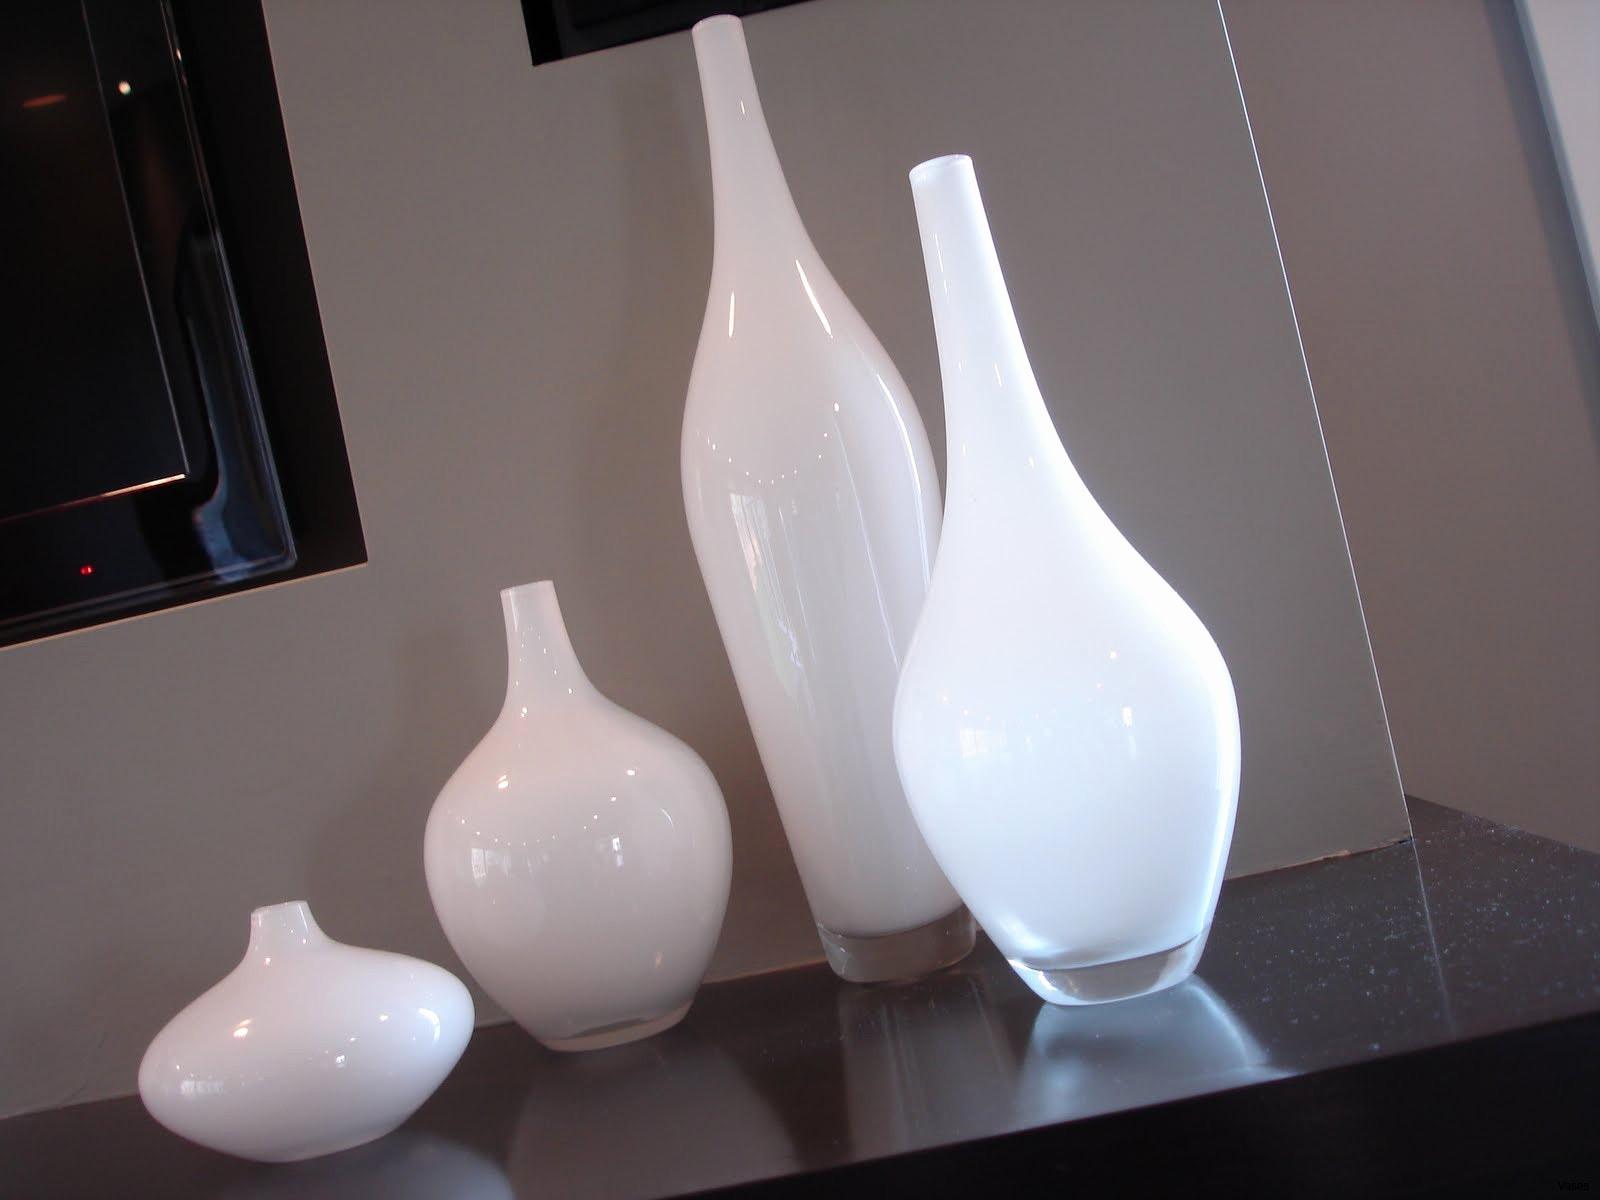 white vases for sale of restoration hardware replica regarding hardware replica white white wallpaper fresh pe s5h vases white ikea i 0d uk cheap scheme